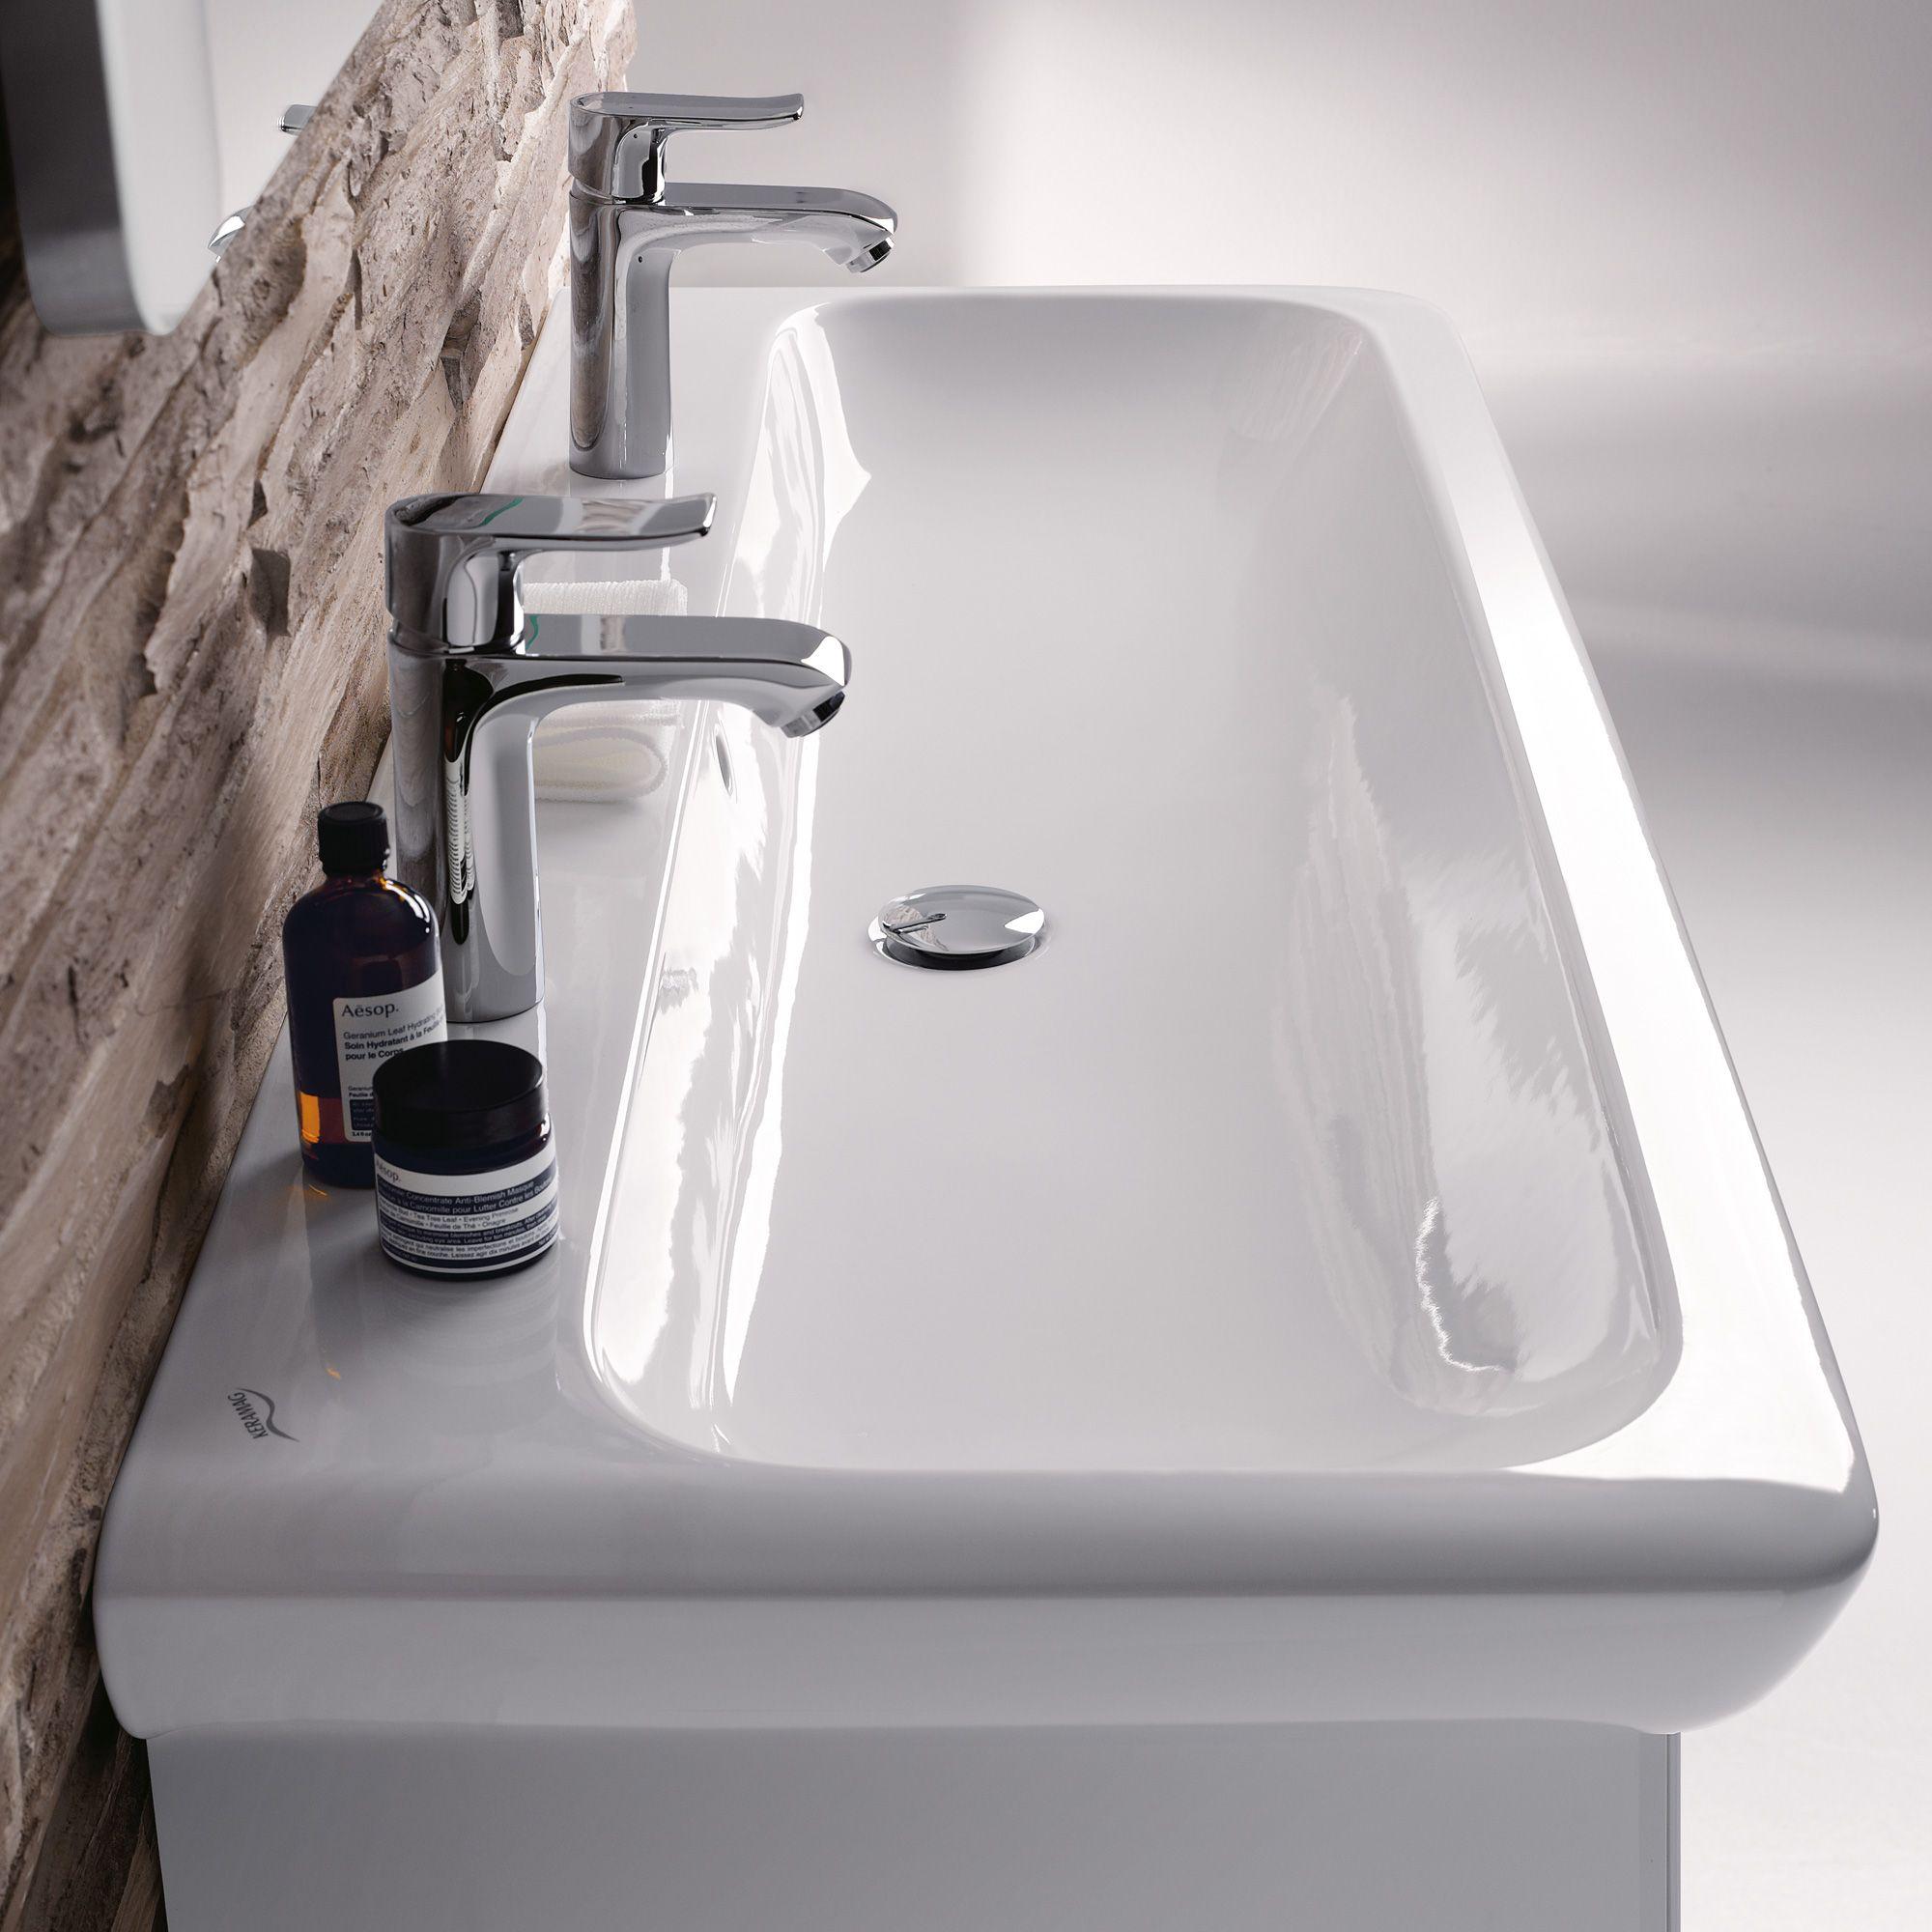 waschtisch mit 100 latest ideal standard inga waschbecken. Black Bedroom Furniture Sets. Home Design Ideas